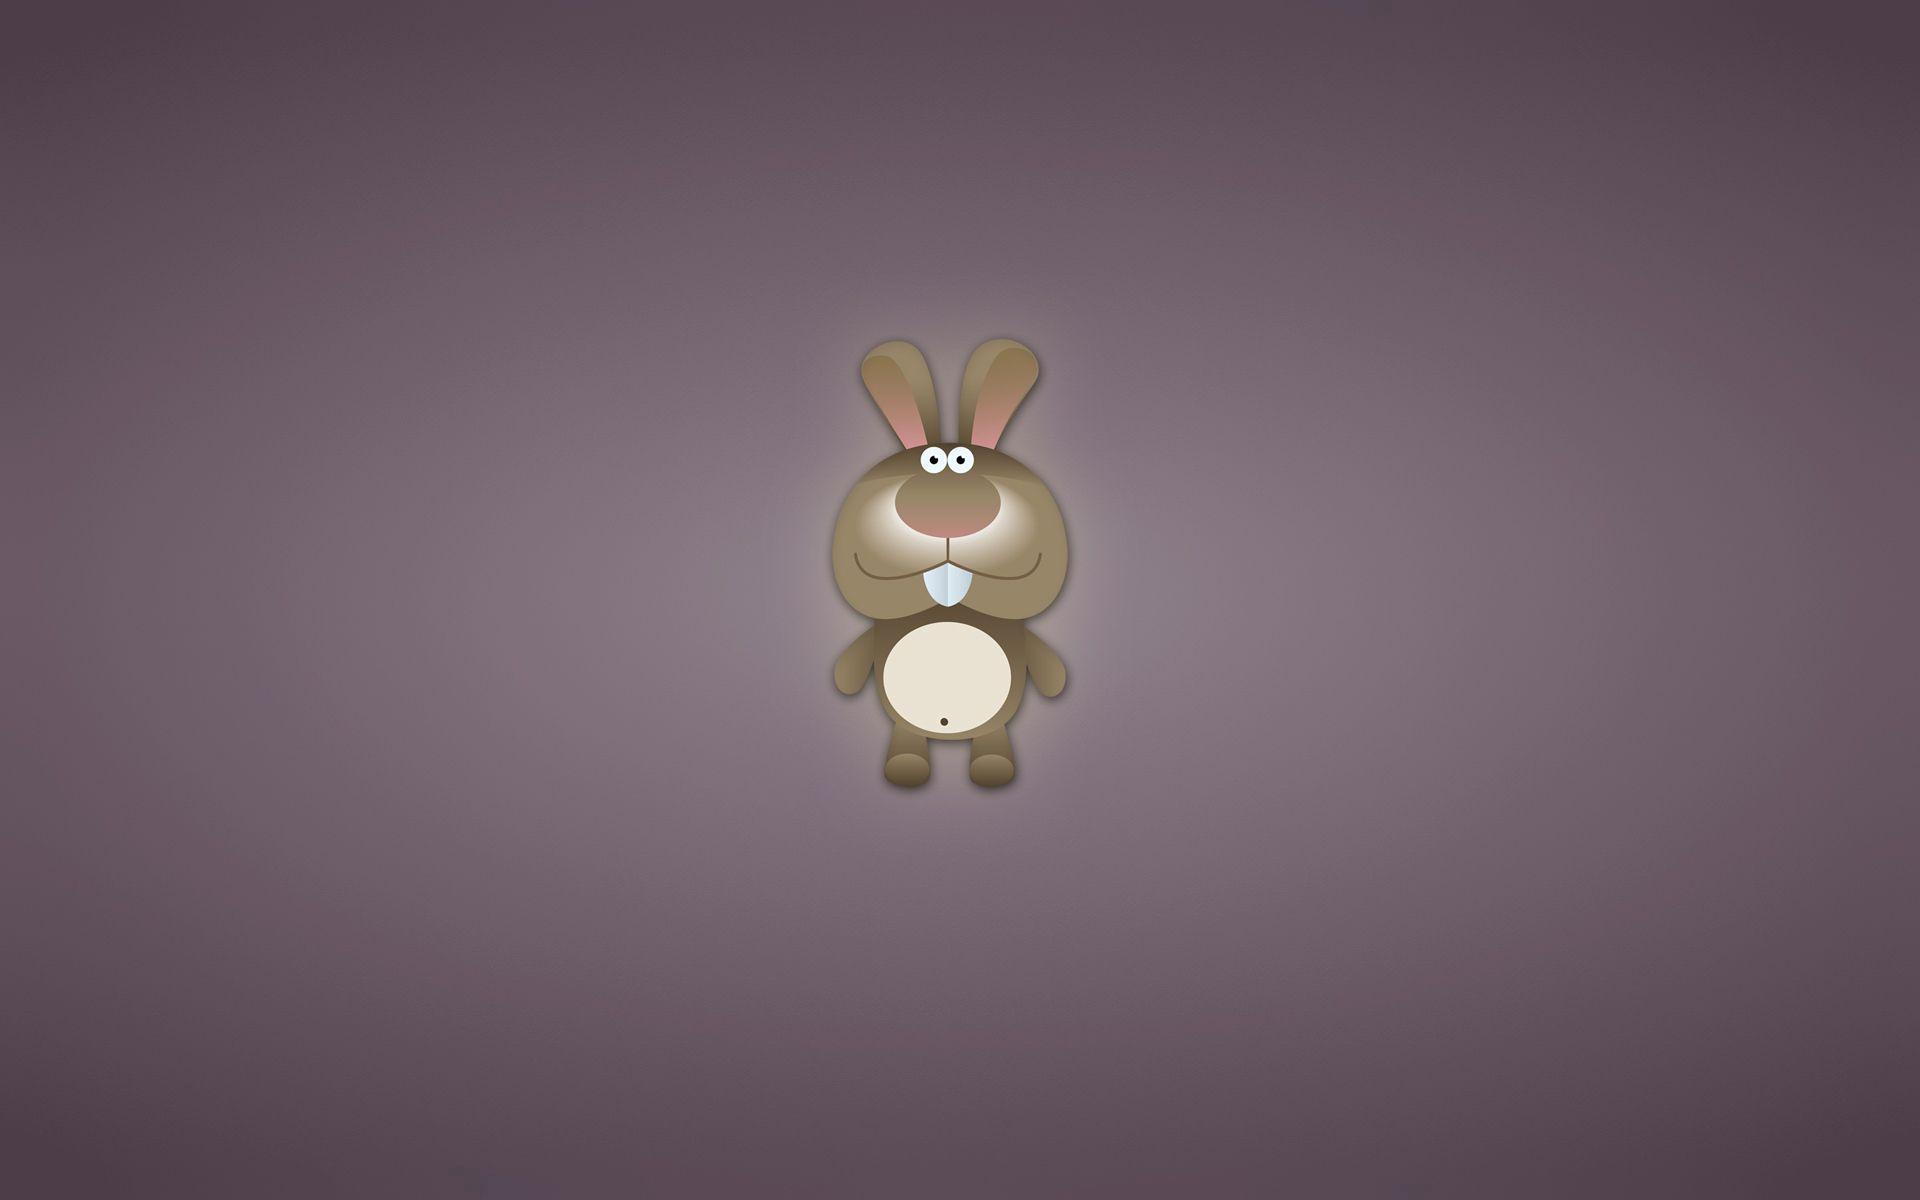 87483 Hintergrundbild herunterladen Kunst, Kaninchen, Vektor, Bild, Zeichnung, Lila - Bildschirmschoner und Bilder kostenlos